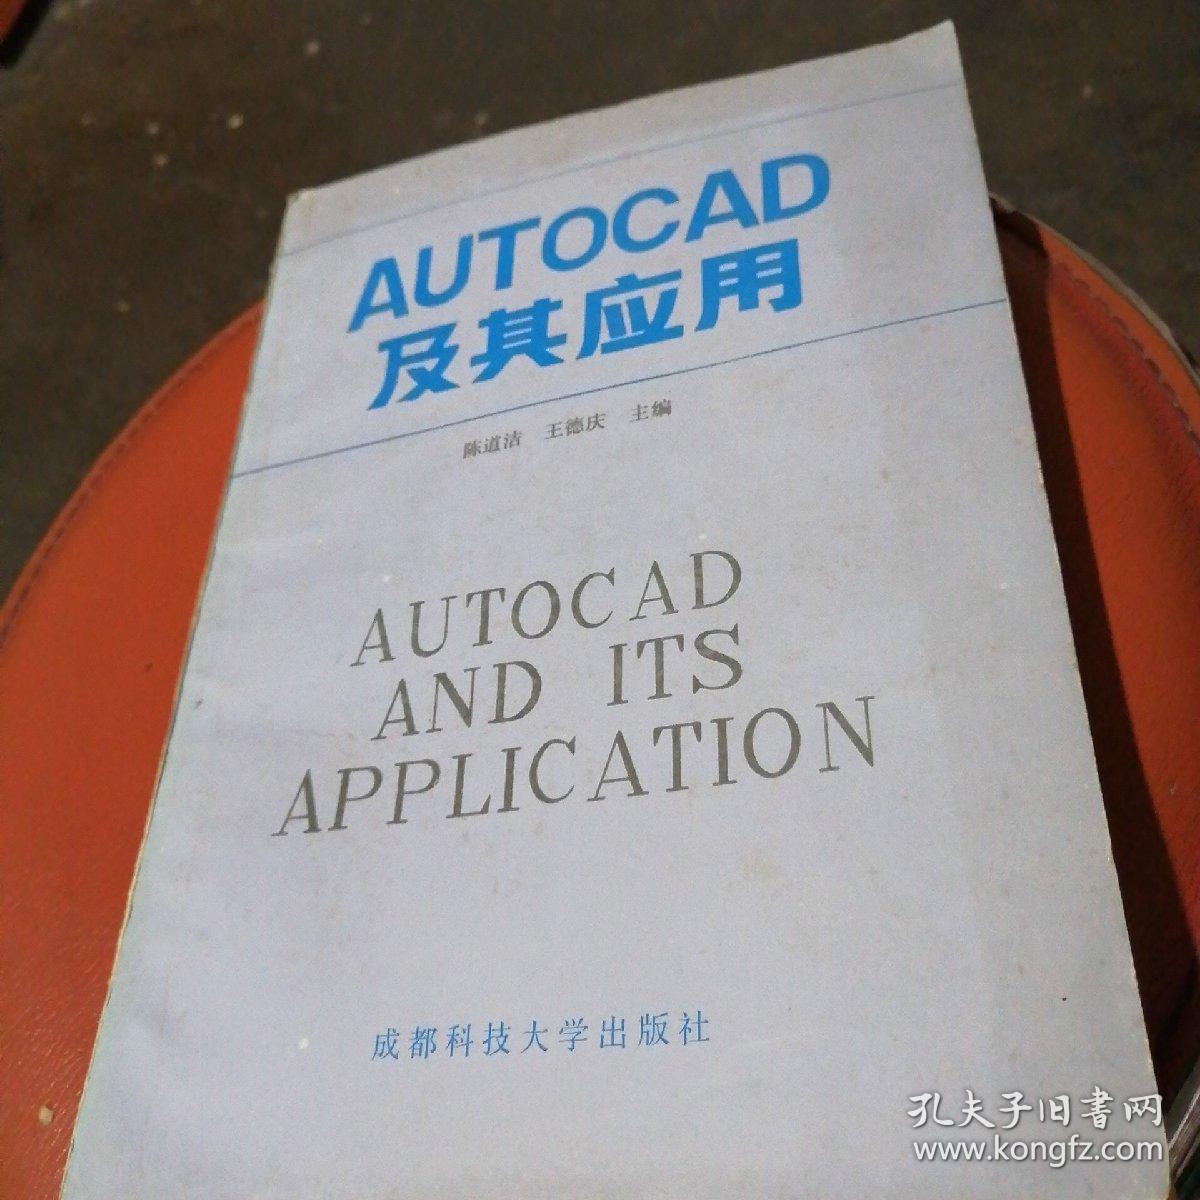 AuT0CAD及其应用